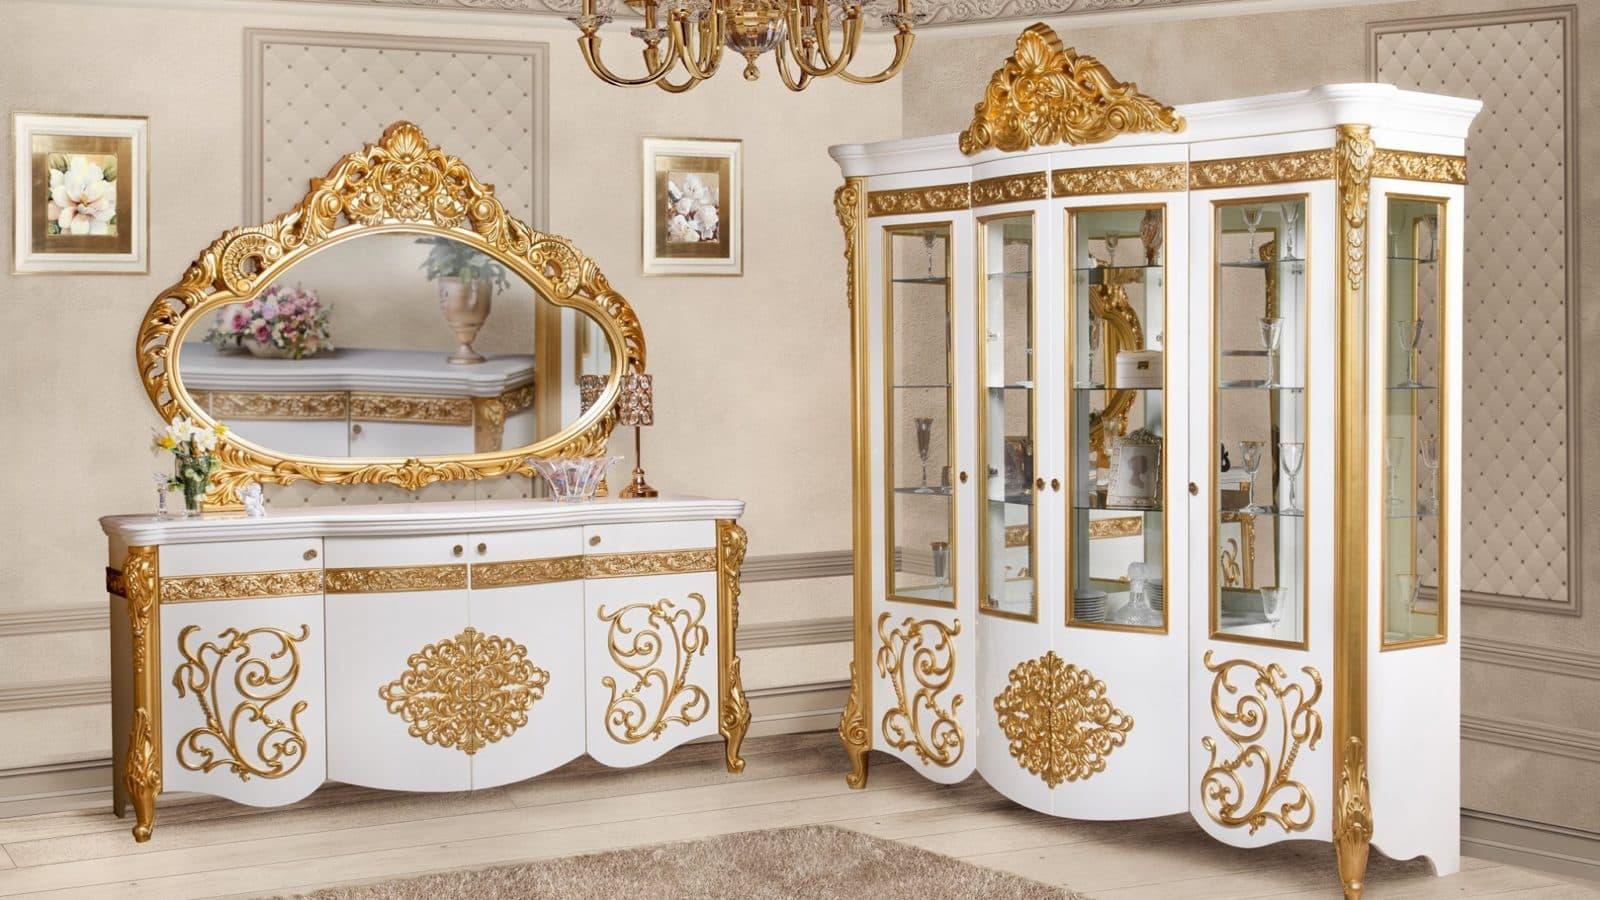 """Гостиная """"Маркиза"""" от производителя - фабрики мебели СКФМ в Москве. Комод, зеркало и сервант в классическом стиле. Оптом и в розницу со склада."""